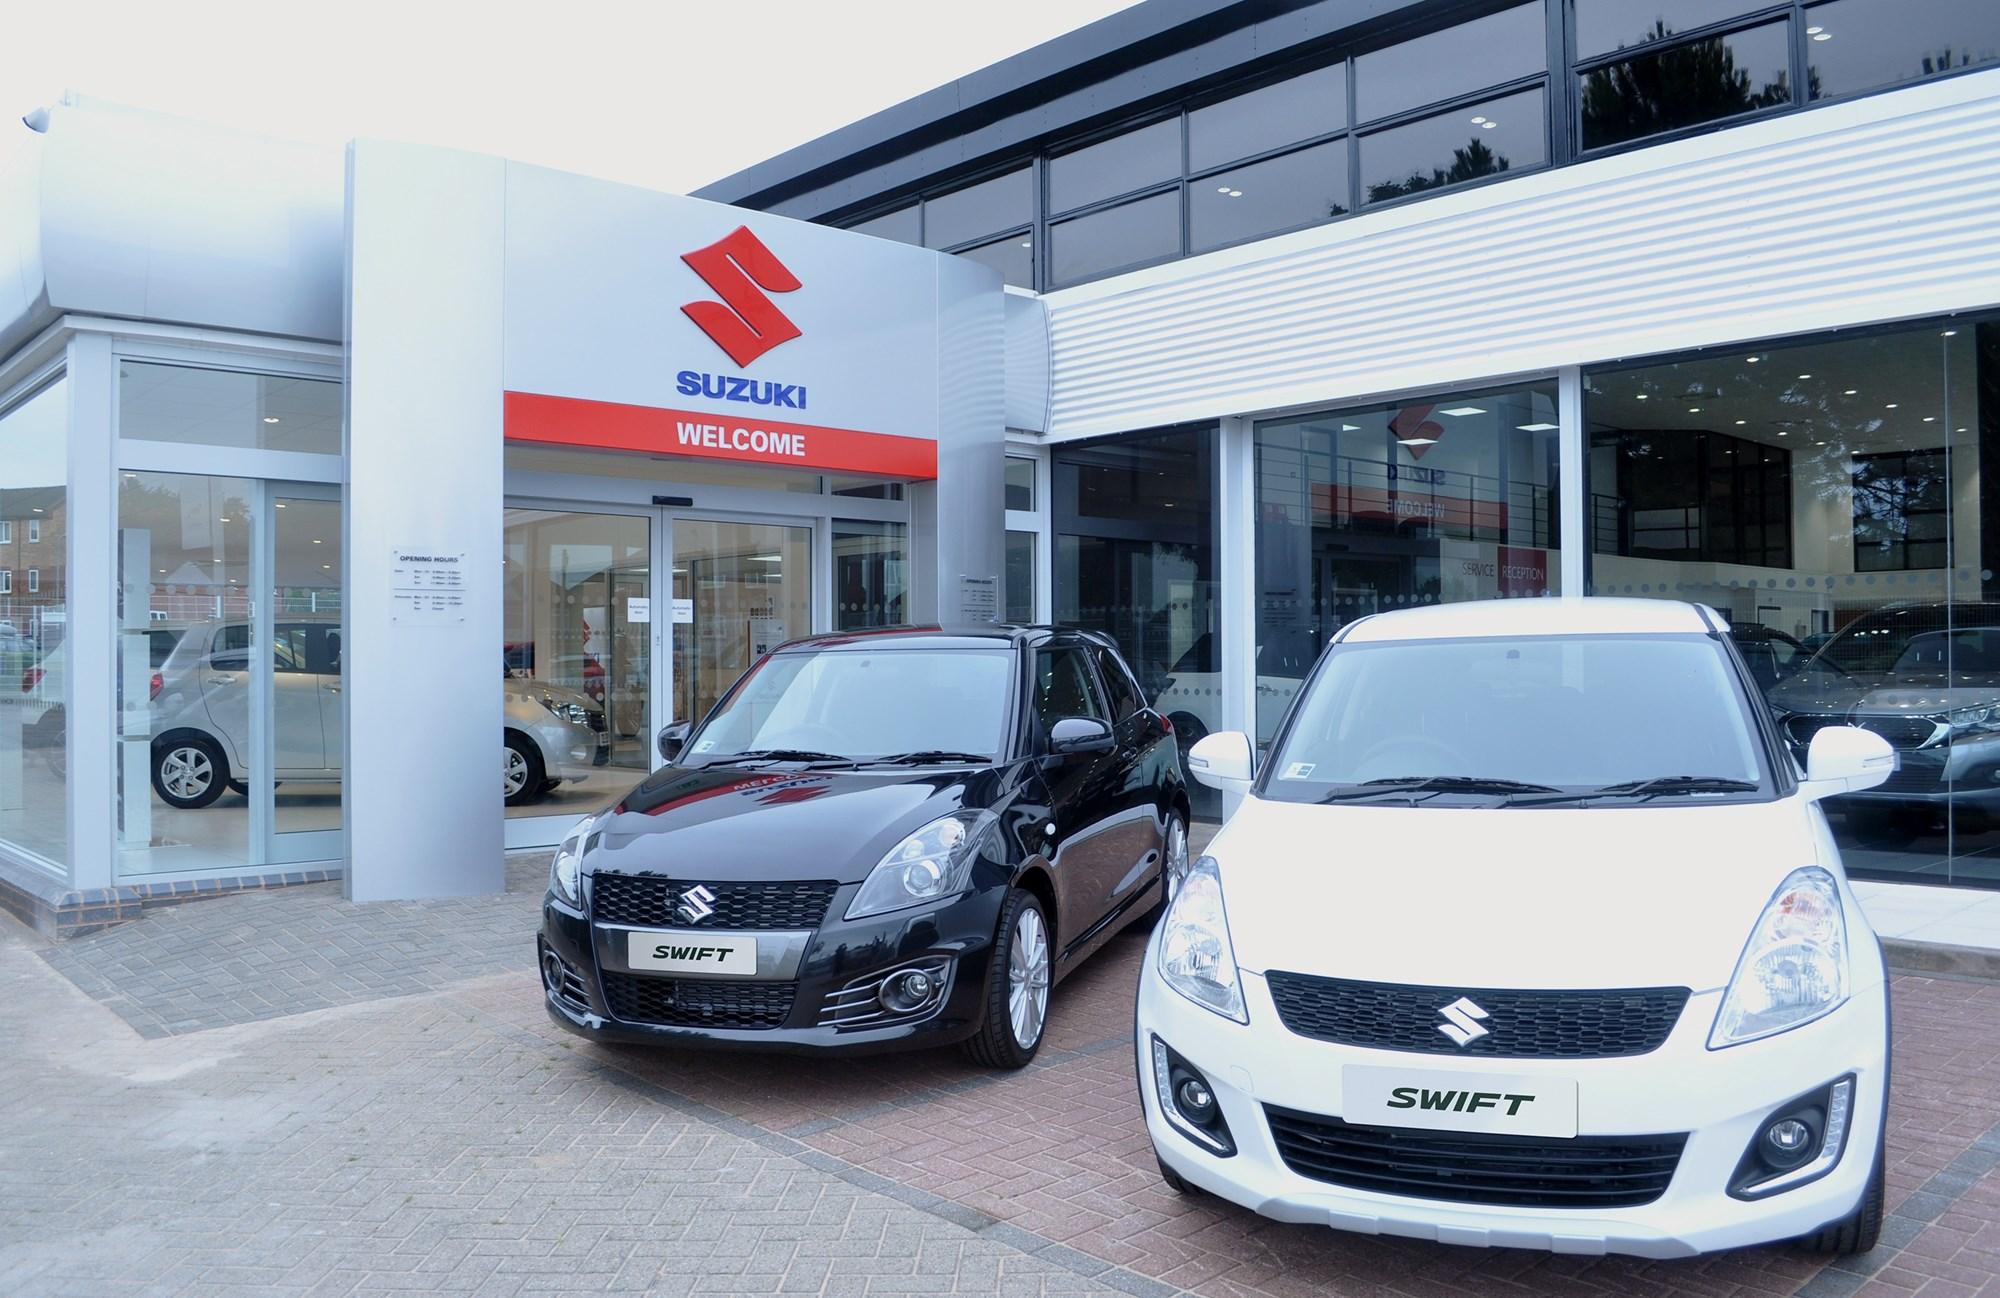 Suzuki Car Dealership >> Sutton Park Group Adds Suzuki Franchise In Birmingham Car